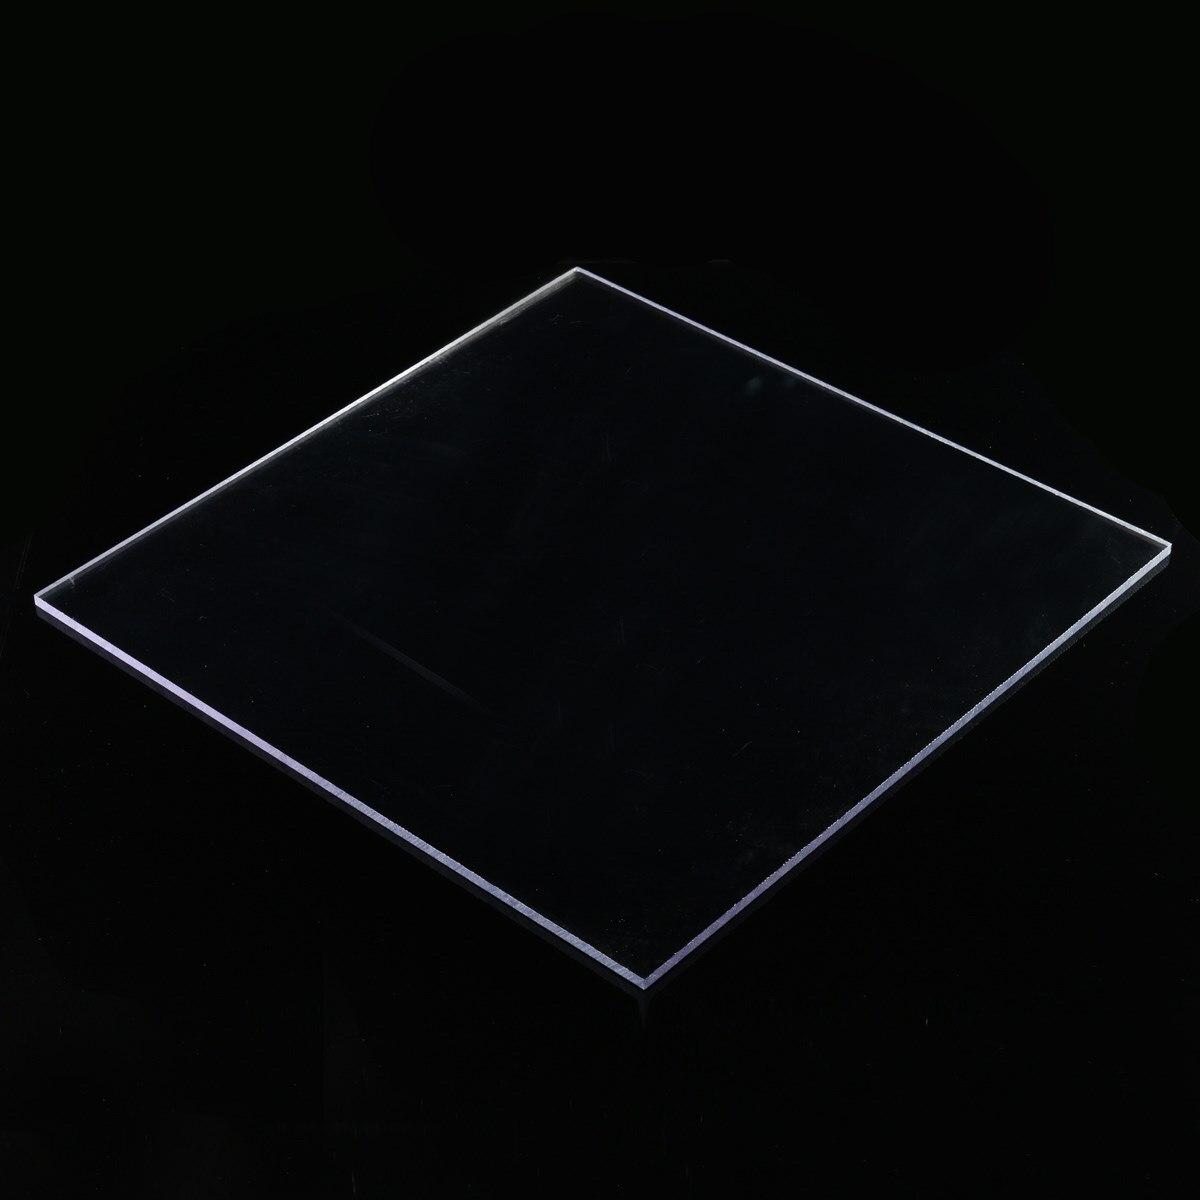 Acquista all'ingrosso online pannelli di plastica trasparente da ...